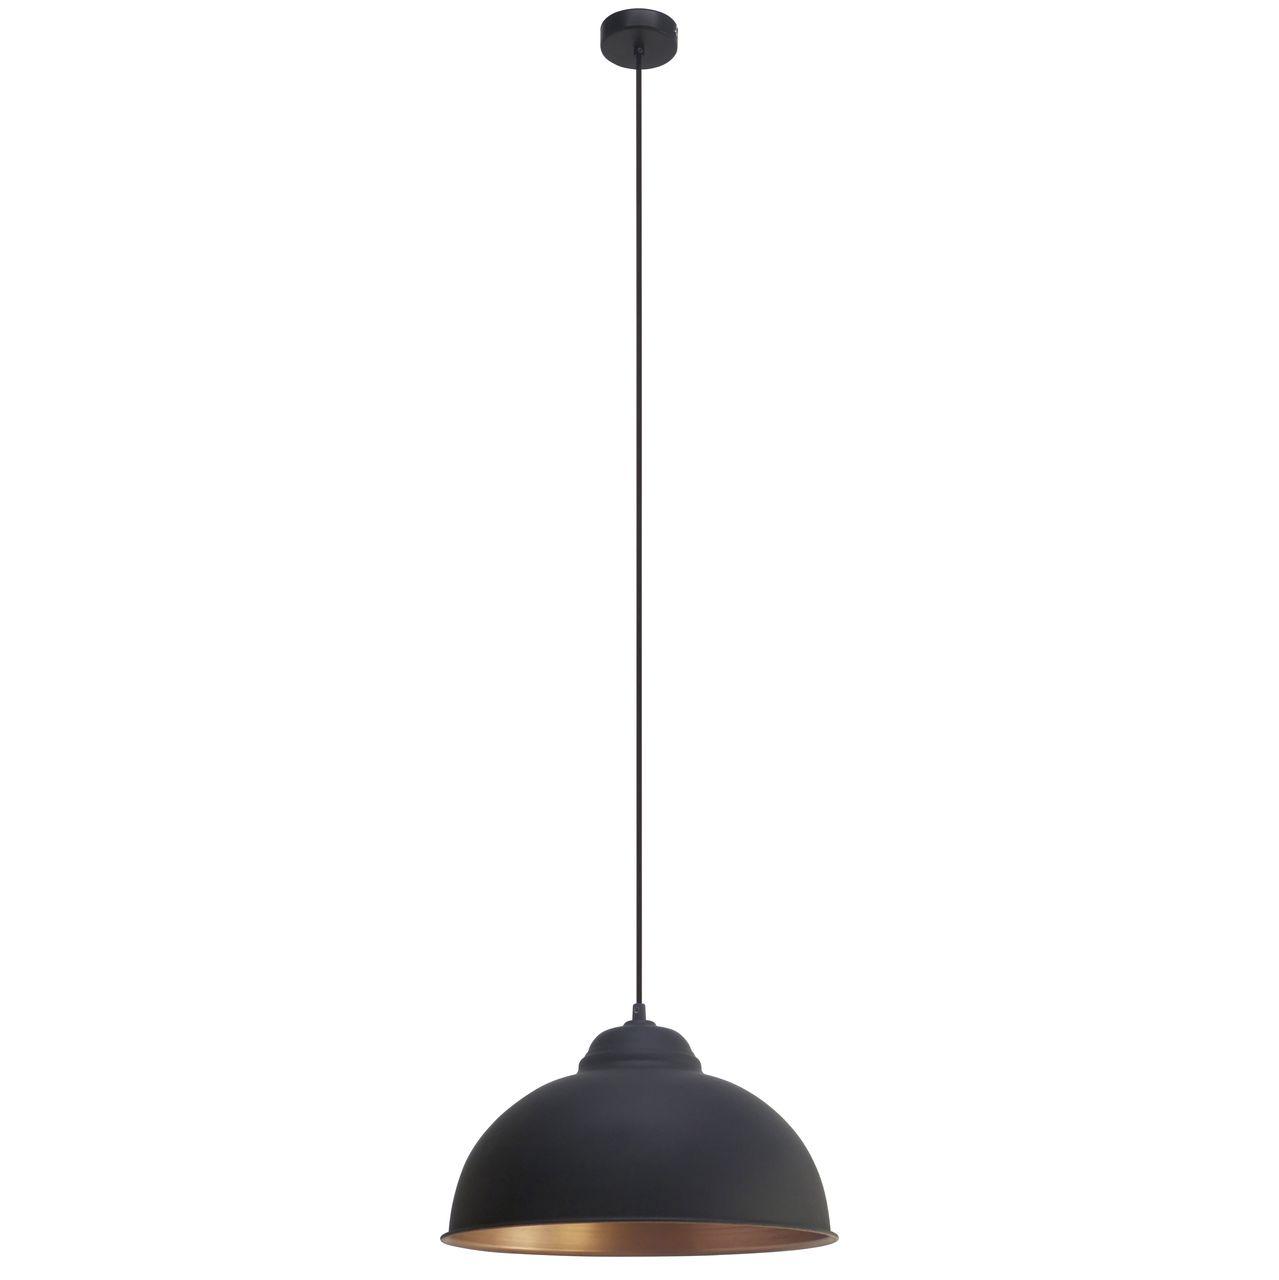 Подвесной светильник Eglo Vintage 49247 подвесной светильник eglo vintage 49254